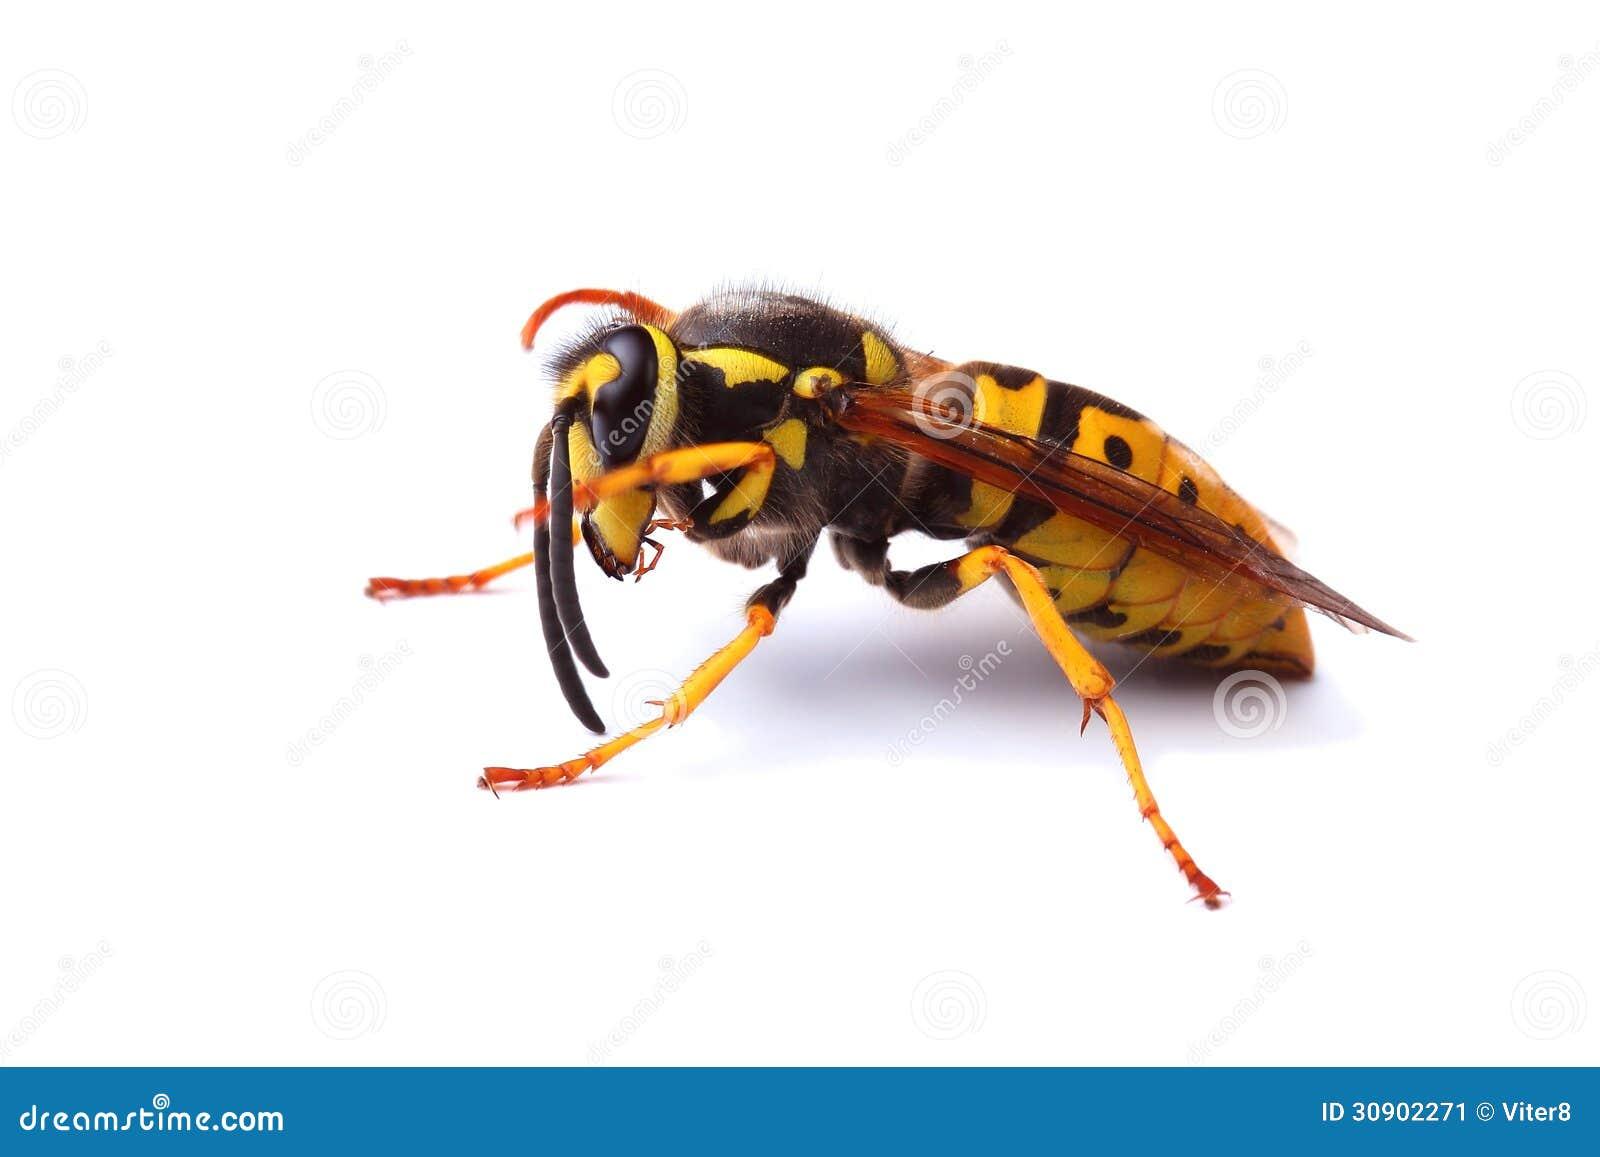 Wasp: Wasp Yellow Jacket